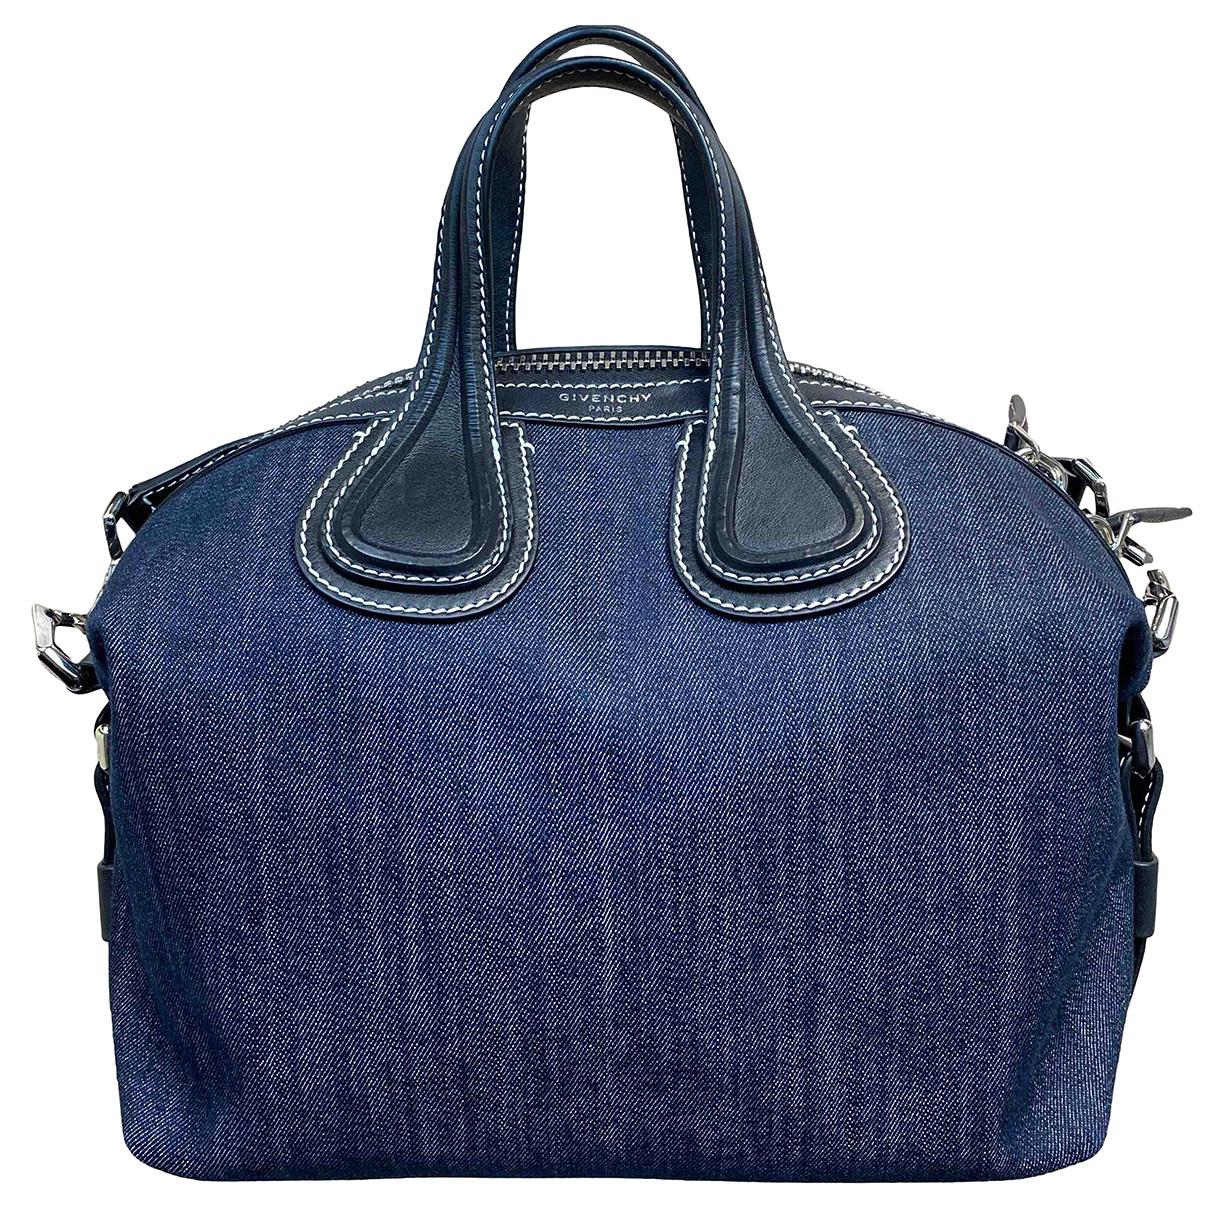 Givenchy - Sac a main Nightingale pour femme en denim - bleu